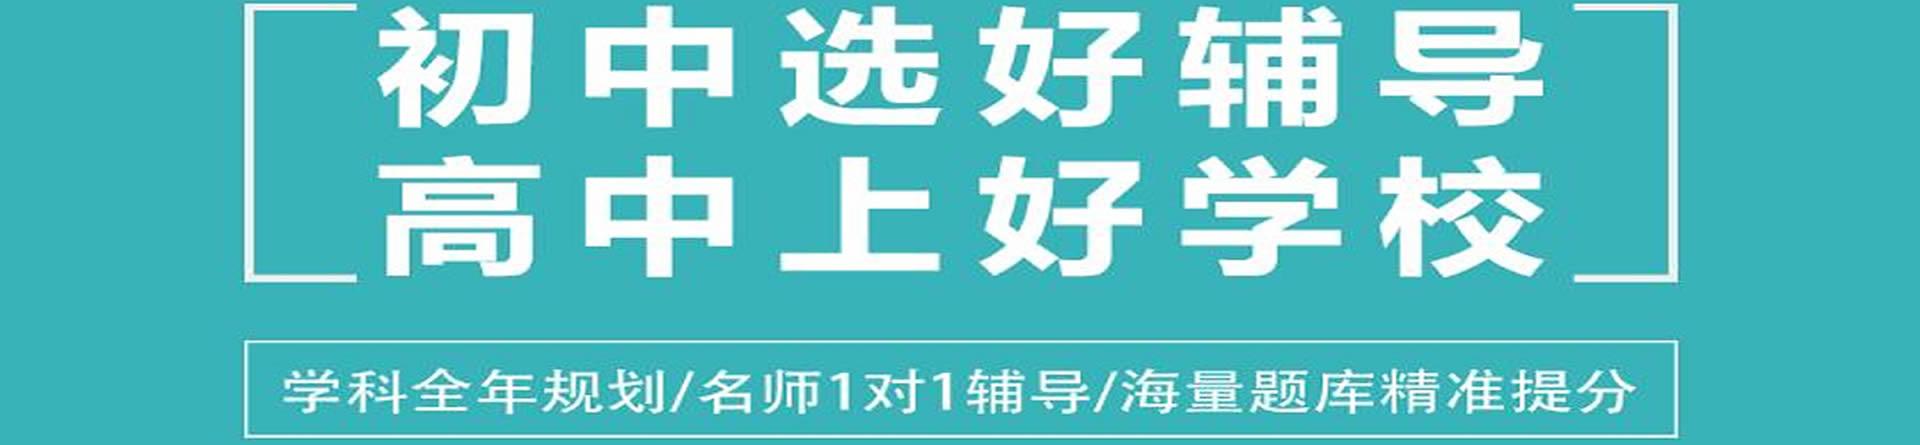 郑州优实力教育